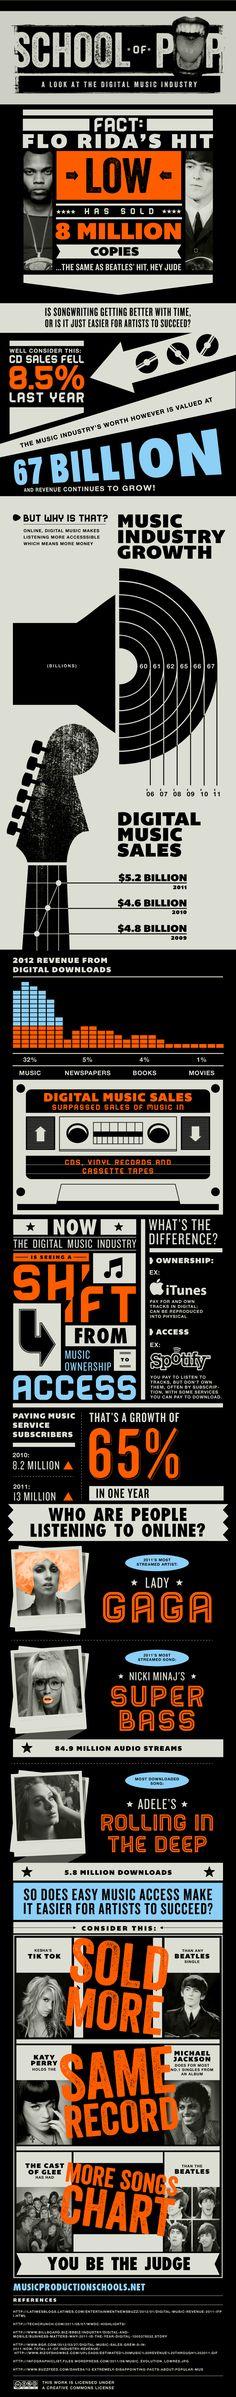 School of Pop: A look into the Digital Music Industry    Grande infographie sur le marché de la musique numérique     v/ @Hgibier